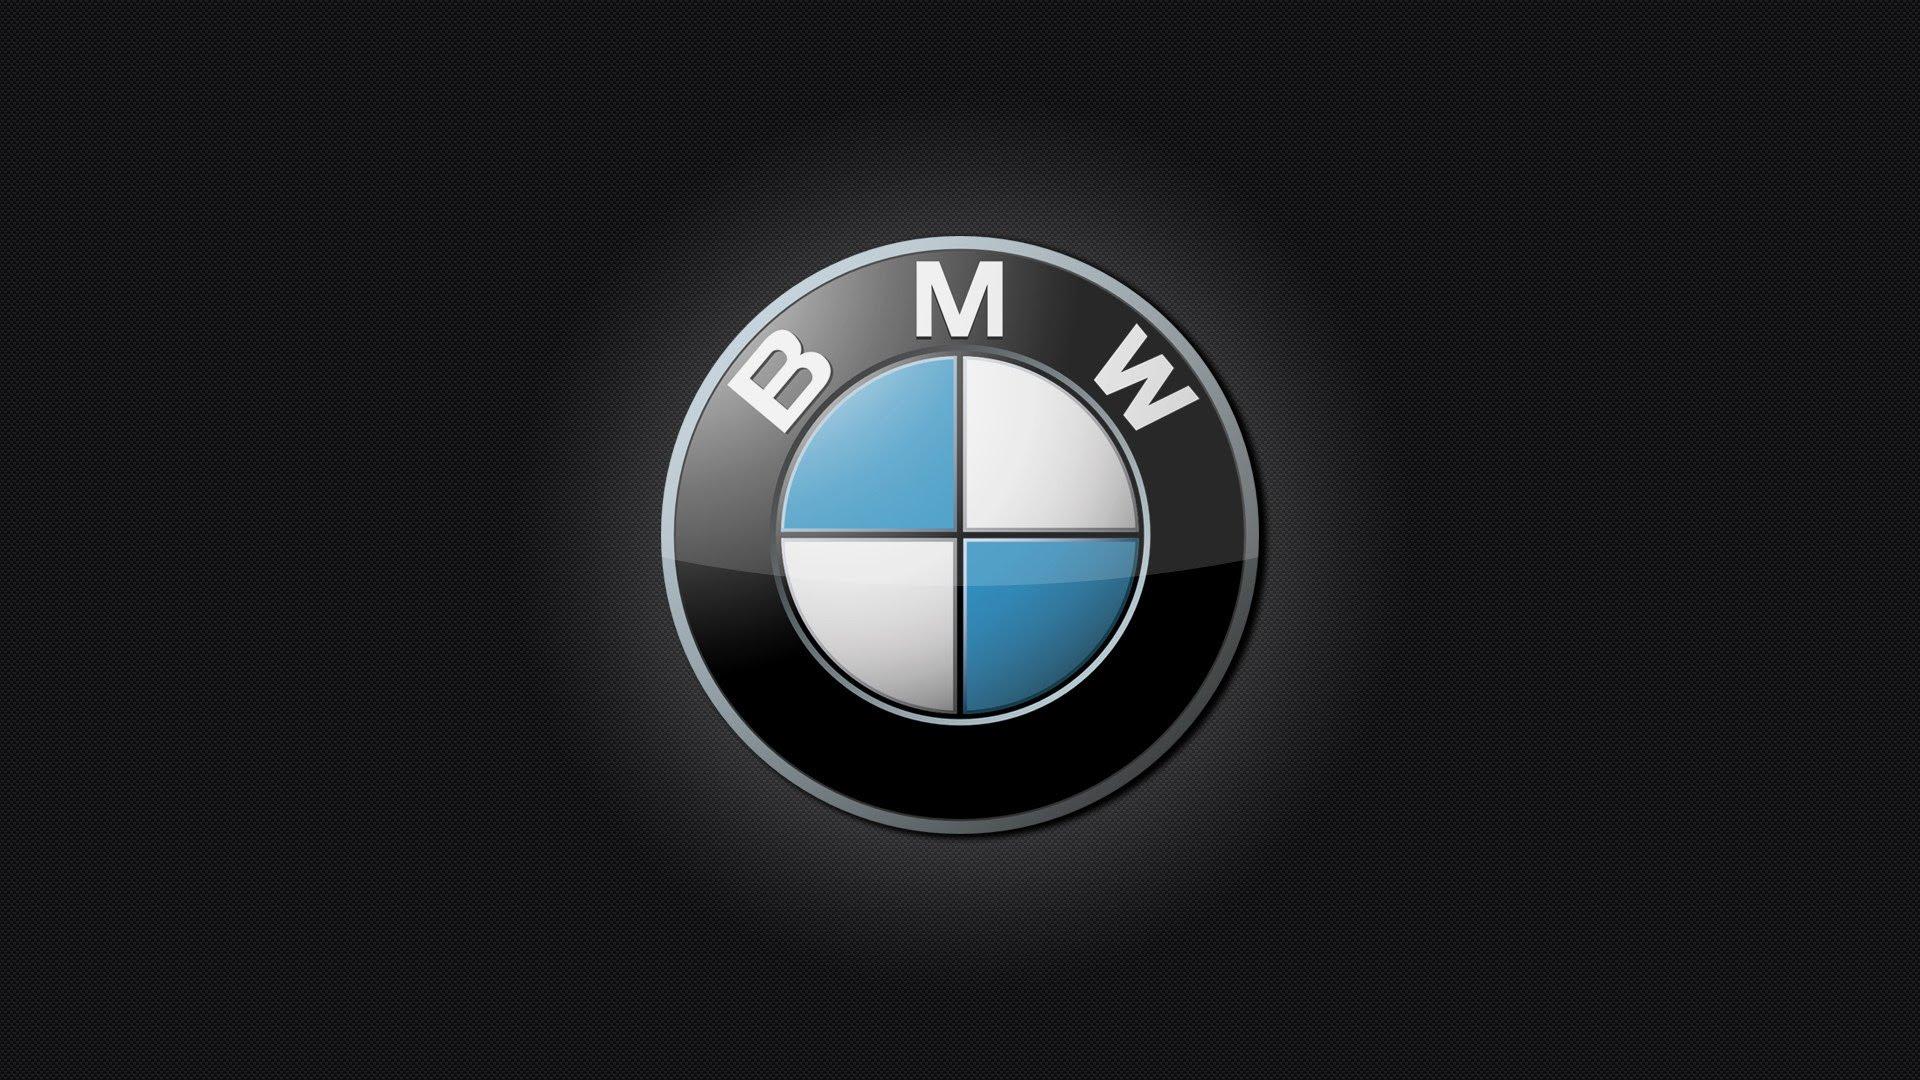 Bmw Logo Wallpaper For Mobile GOOGLESACK